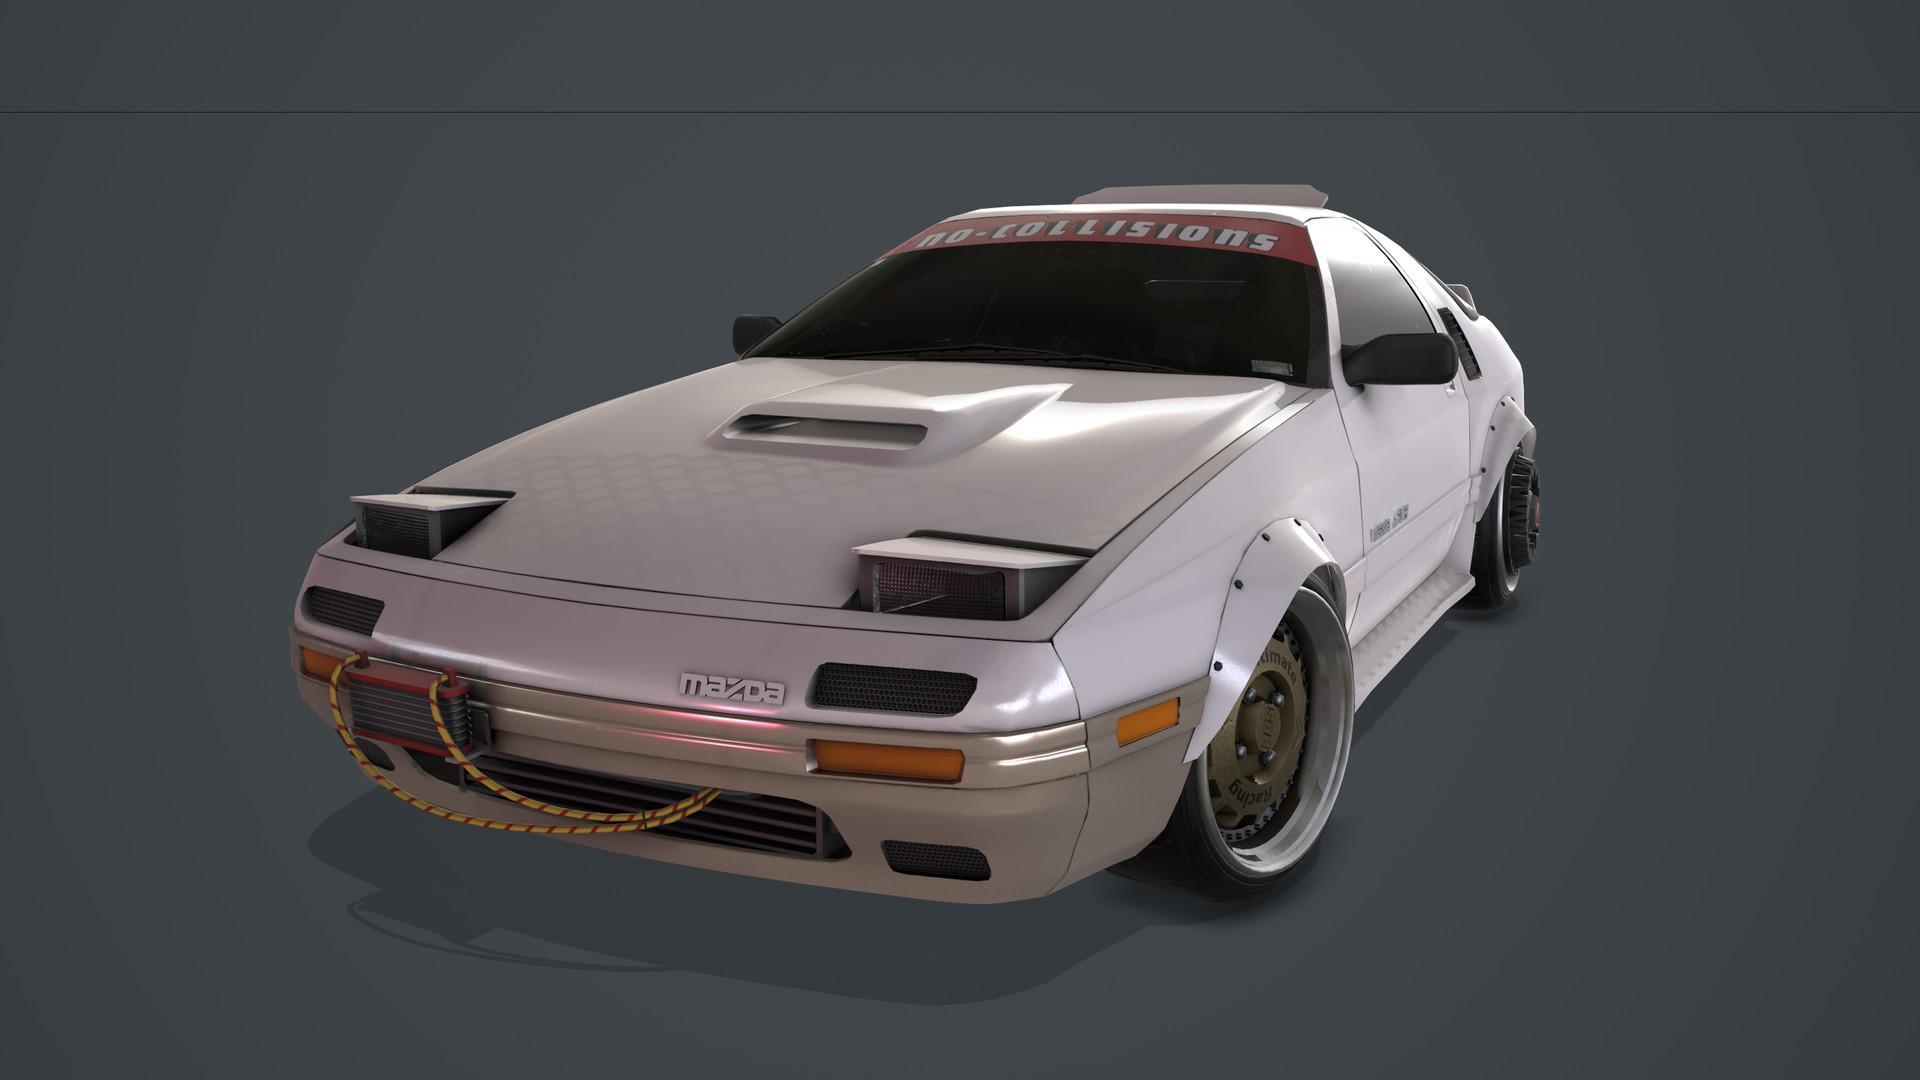 ArtStation - Mazda RX-7 FC (Near Future Mod), Hayden Jones